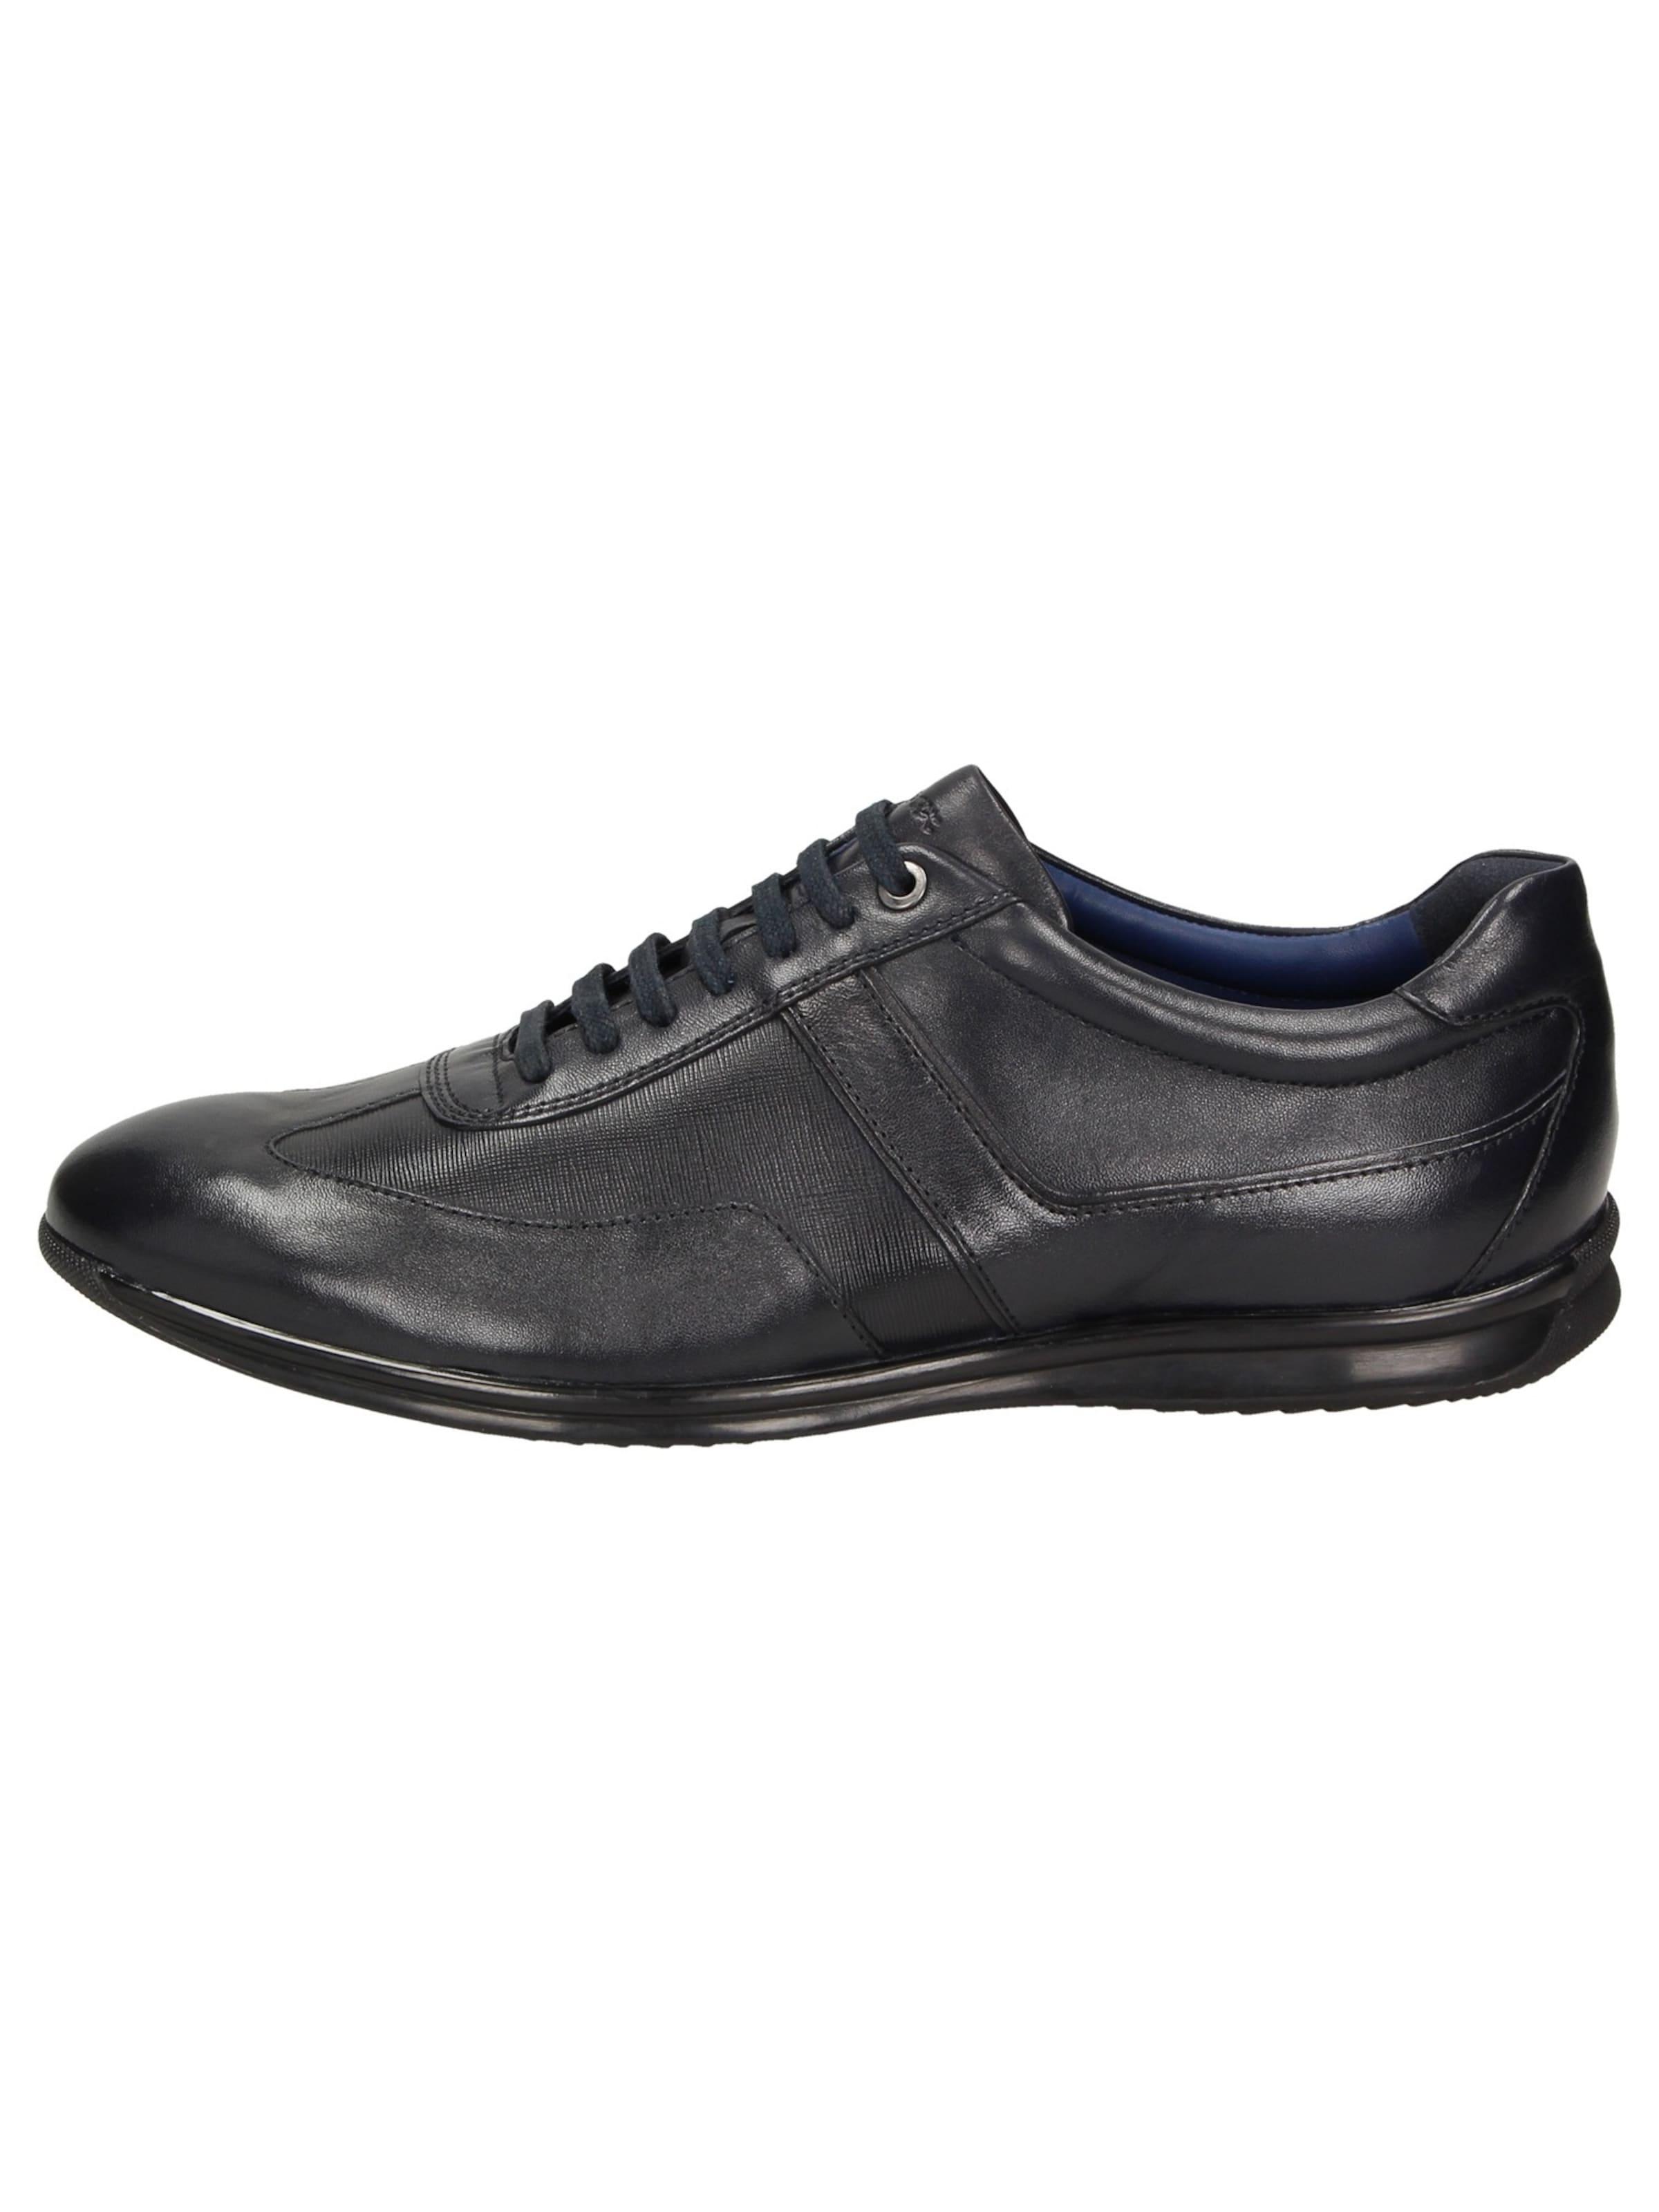 Kobaltblau Sneaker 700' In Sioux 'monaim YeHD2bEW9I